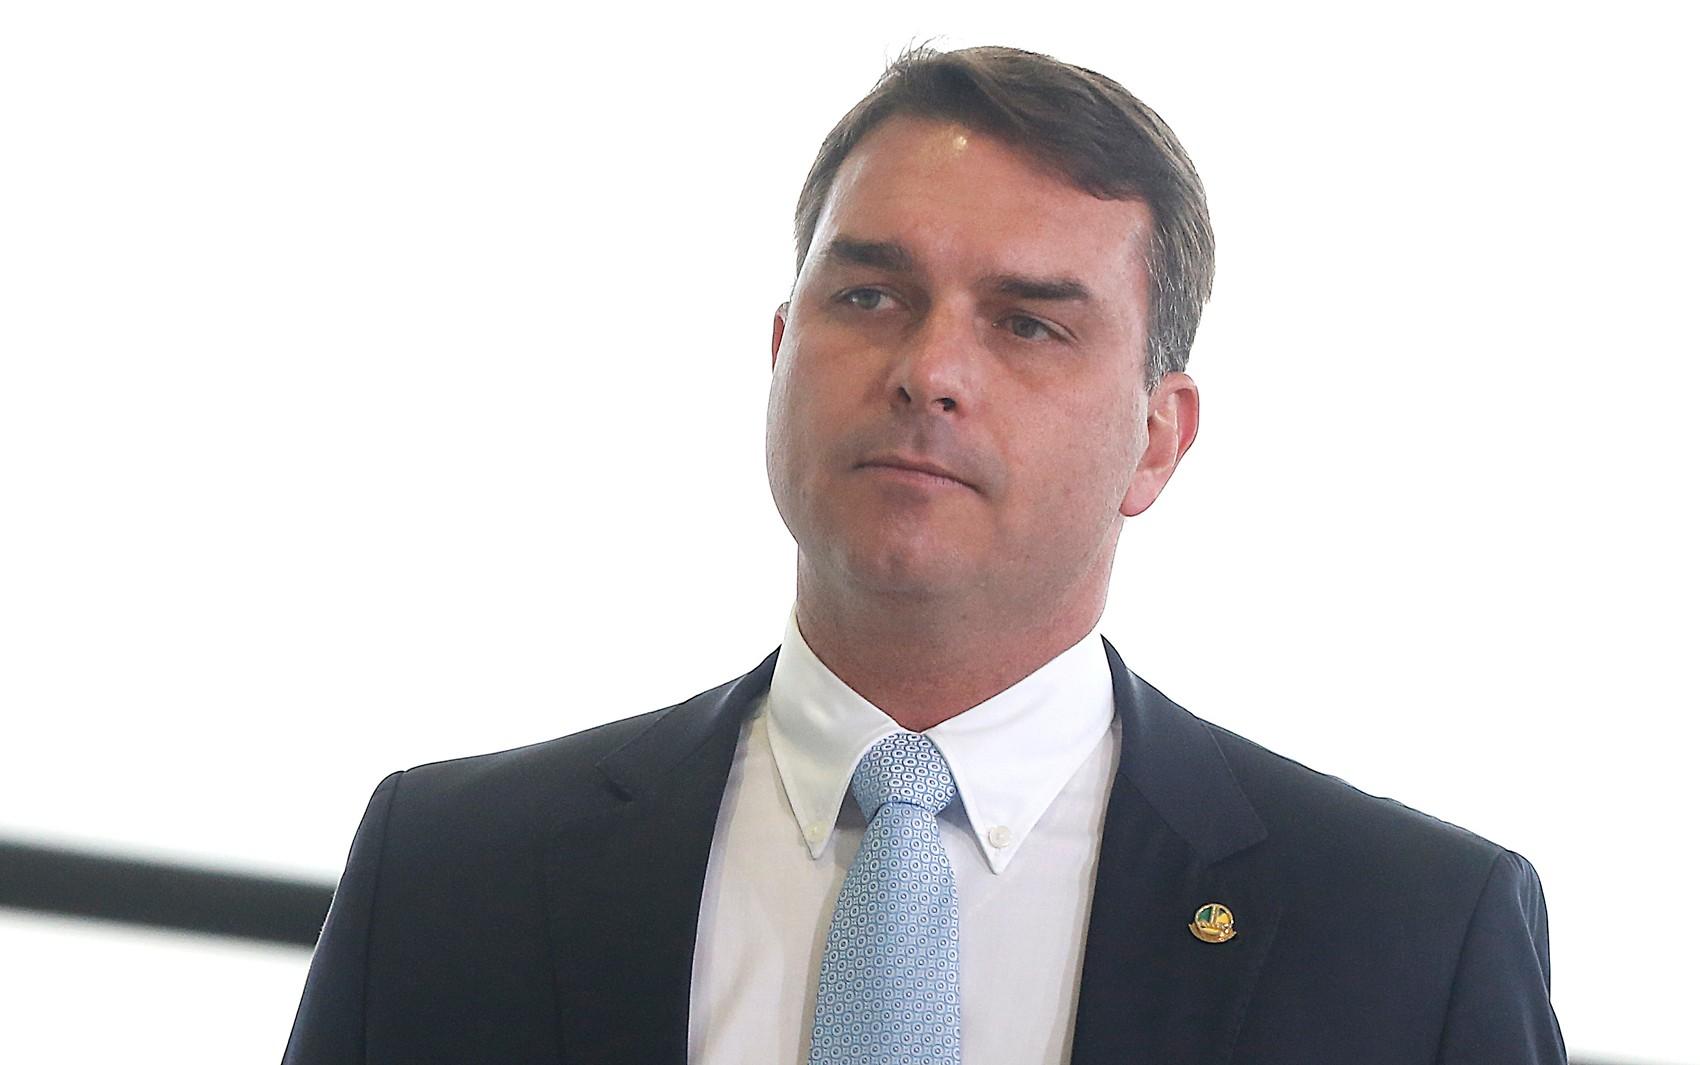 Governo aposta em atrasos no caso Queiroz como estratégia para blindar Flávio Bolsonaro